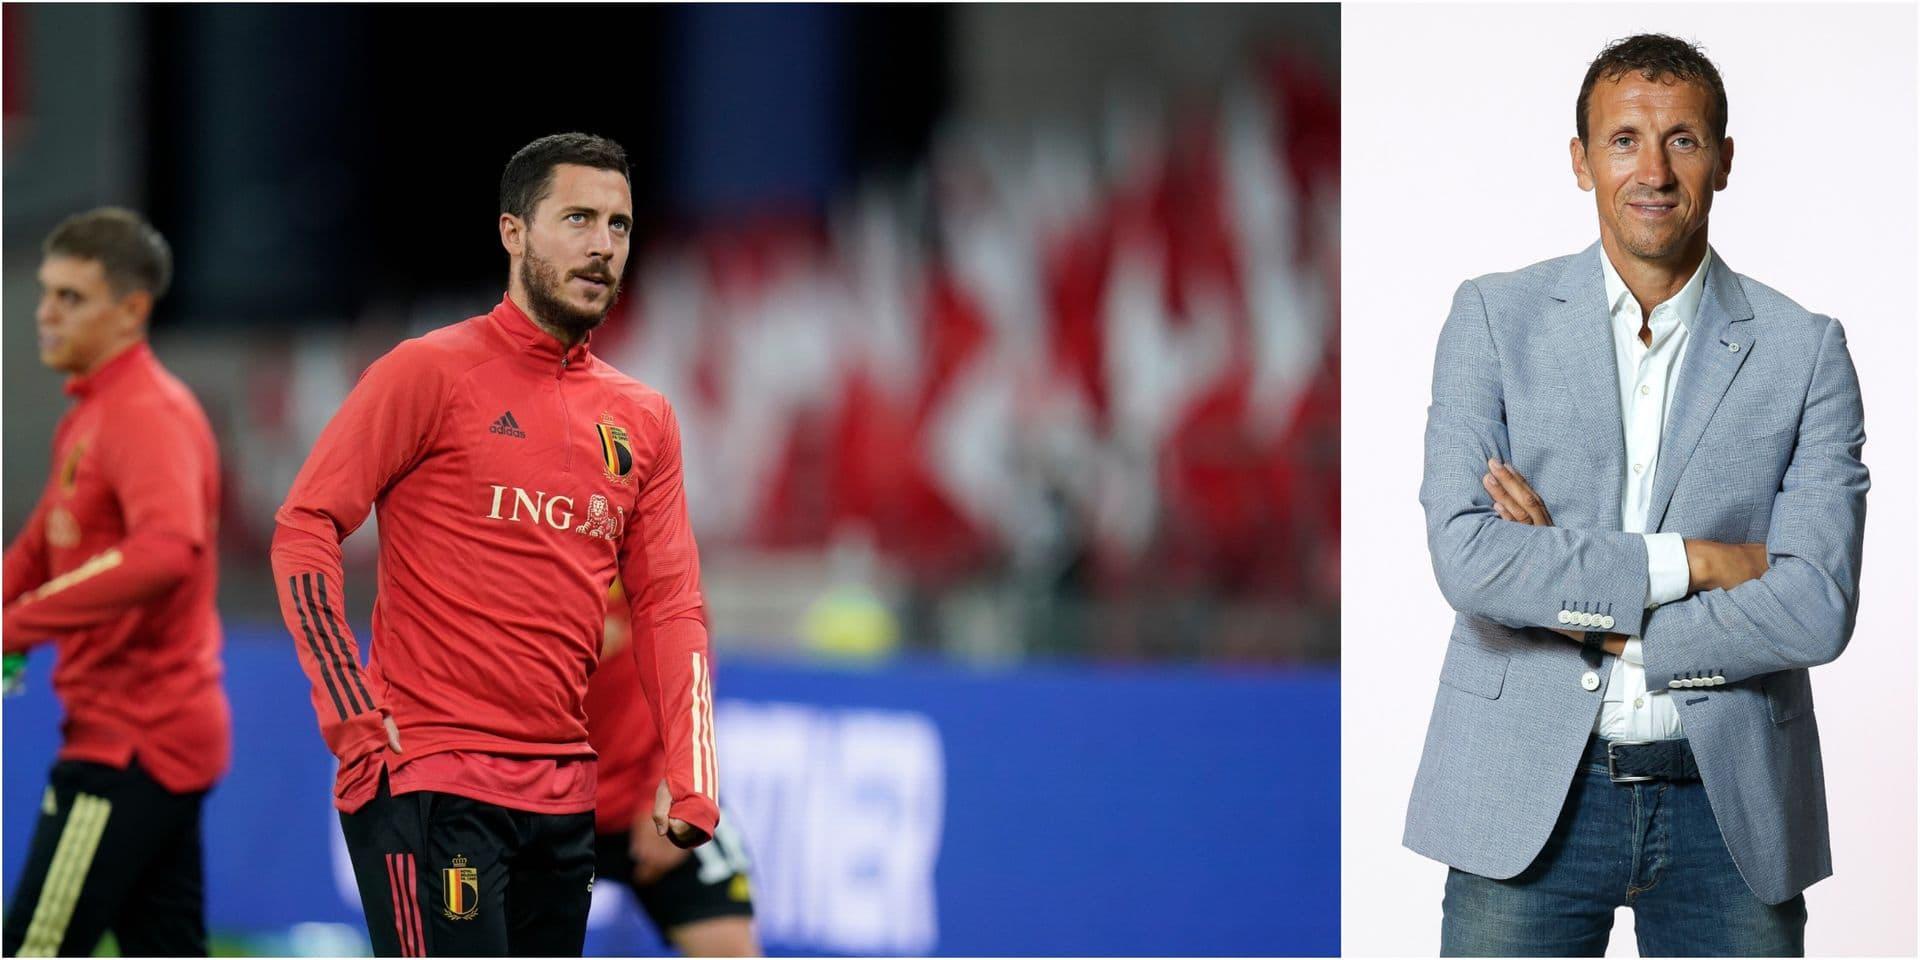 """La polémique autour d'Eden Hazard secoue l'Espagne: """"C'est une tempête dans un verre d'eau"""""""